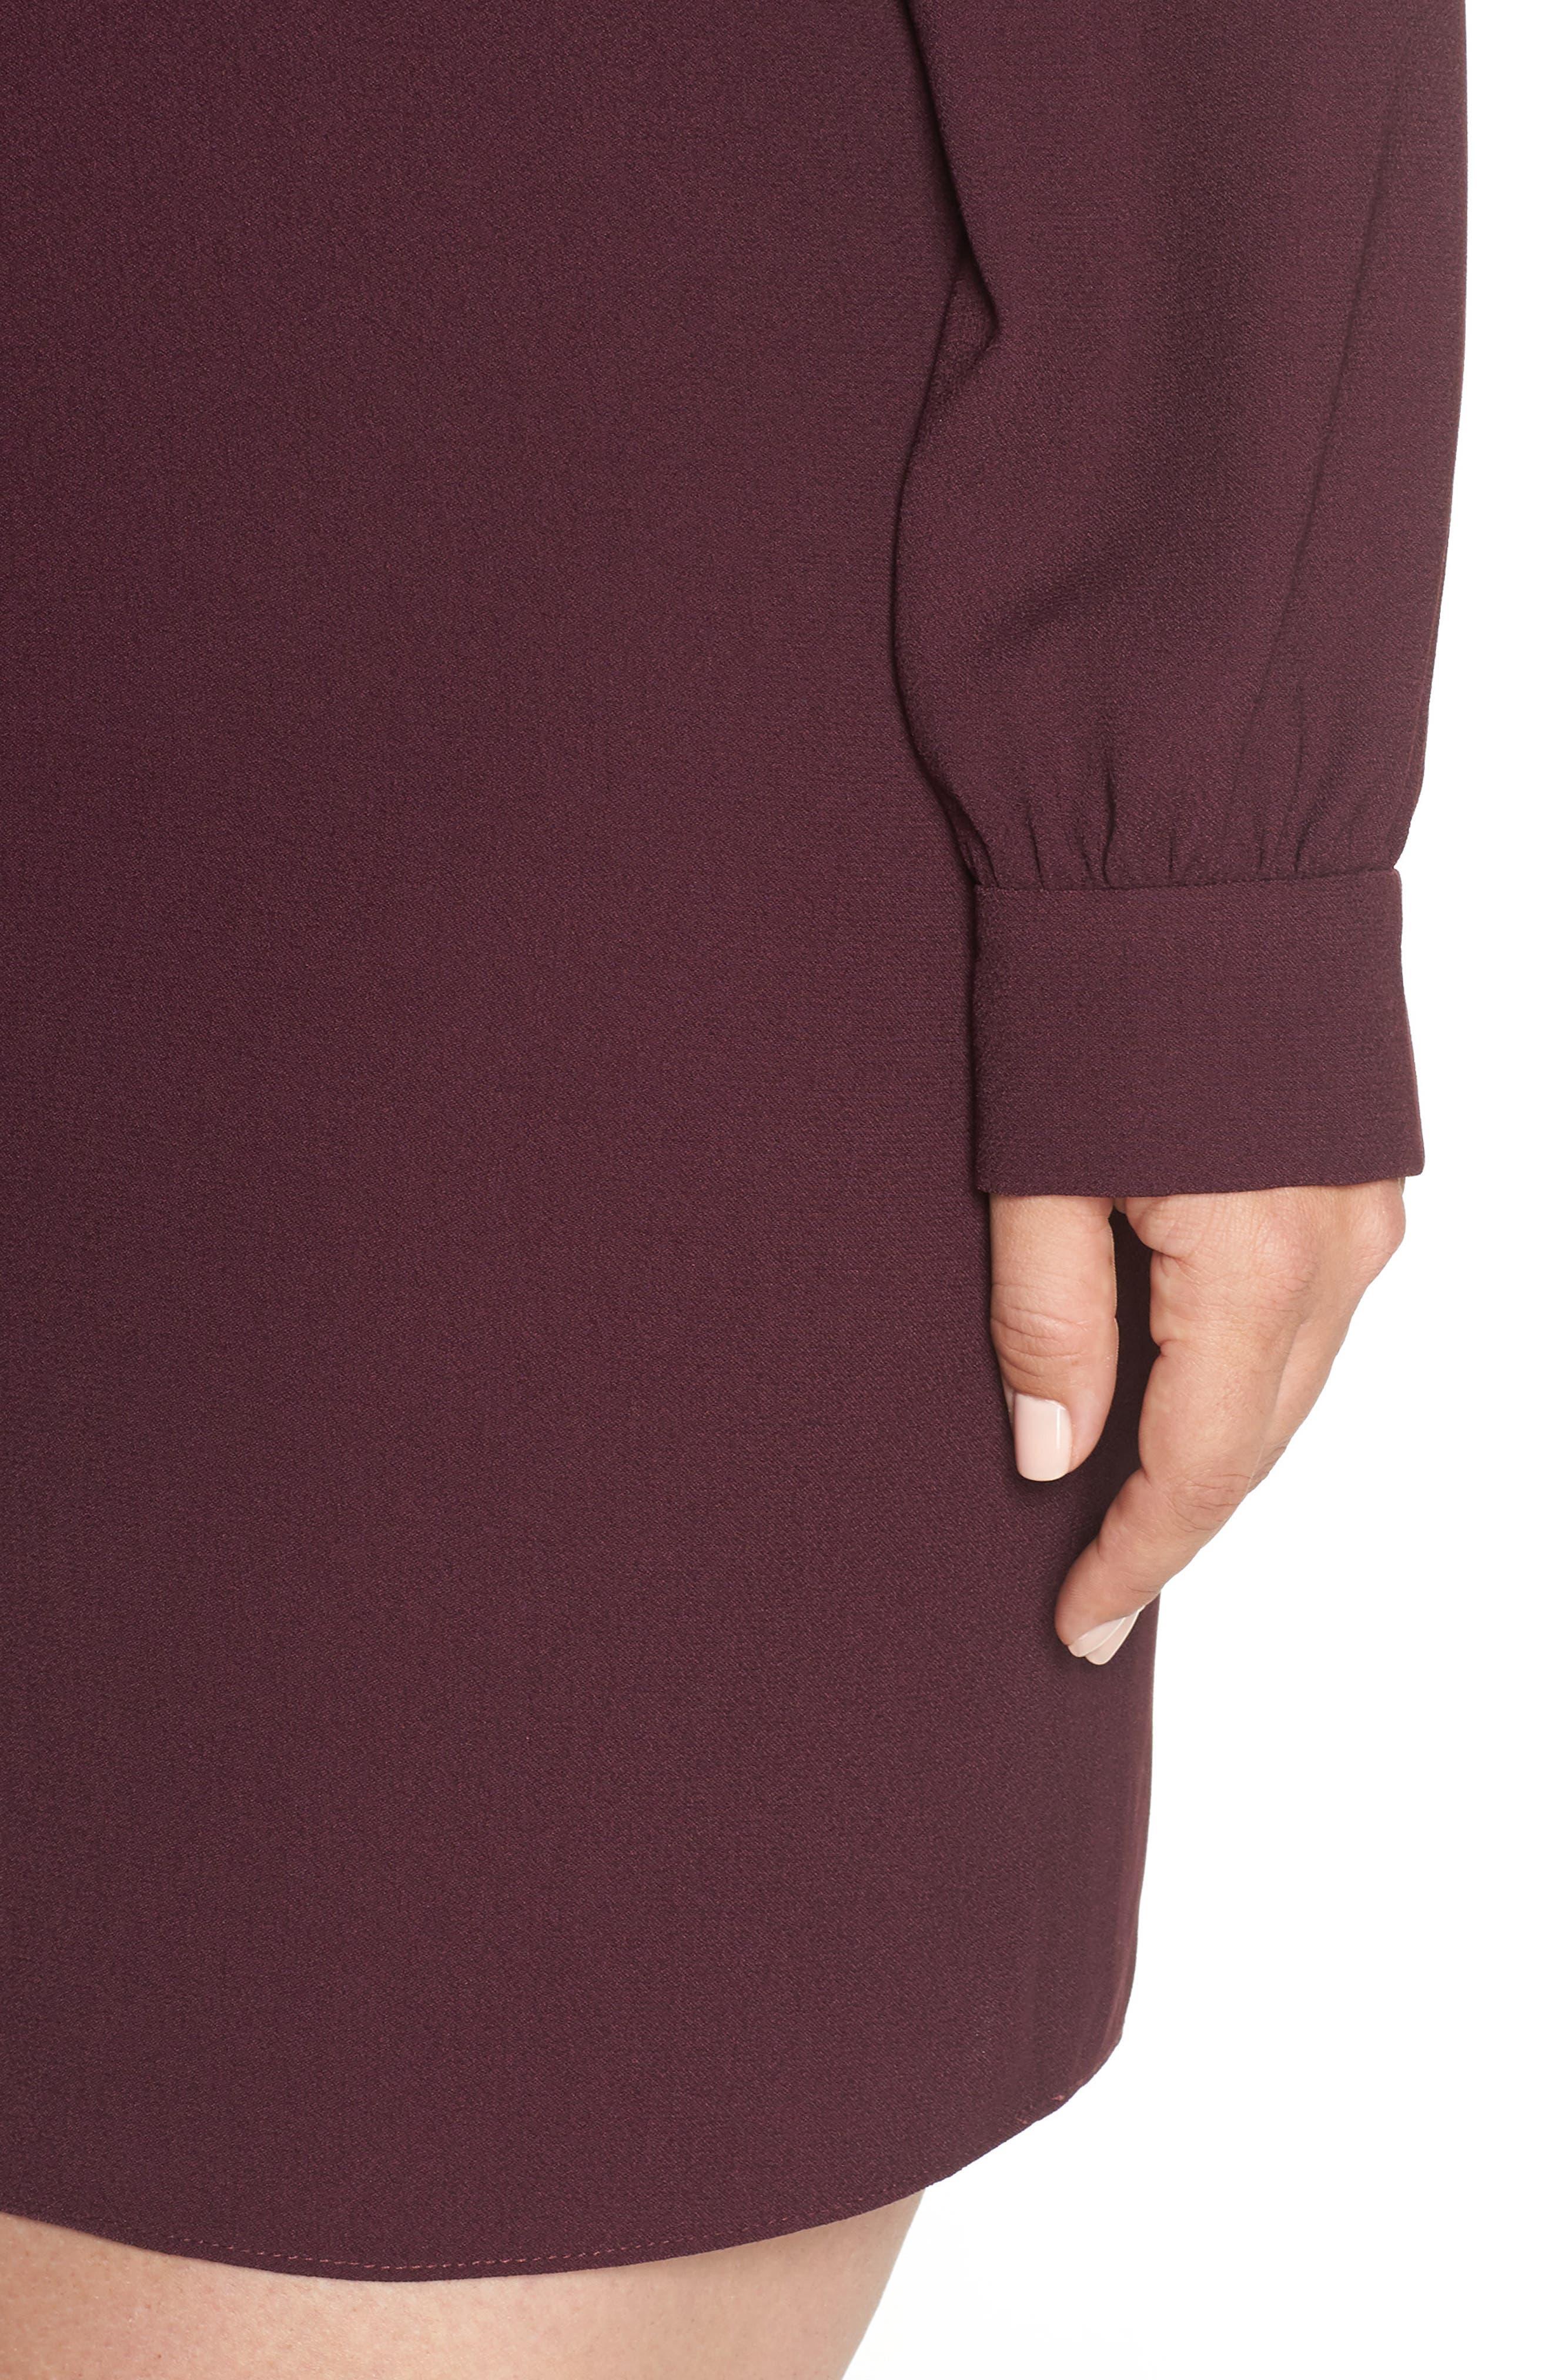 V-Back Shift Dress,                             Alternate thumbnail 10, color,                             Burgundy Stem